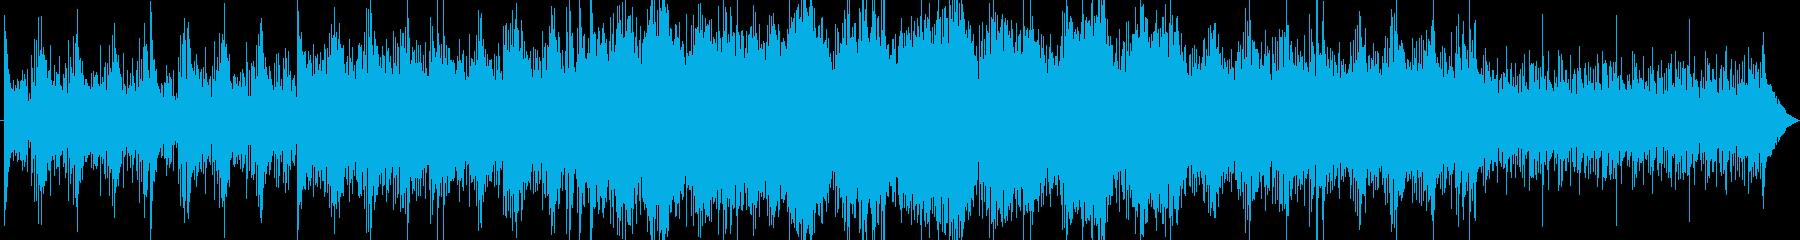 ゲーム、映像向け 闘いのBGMの再生済みの波形